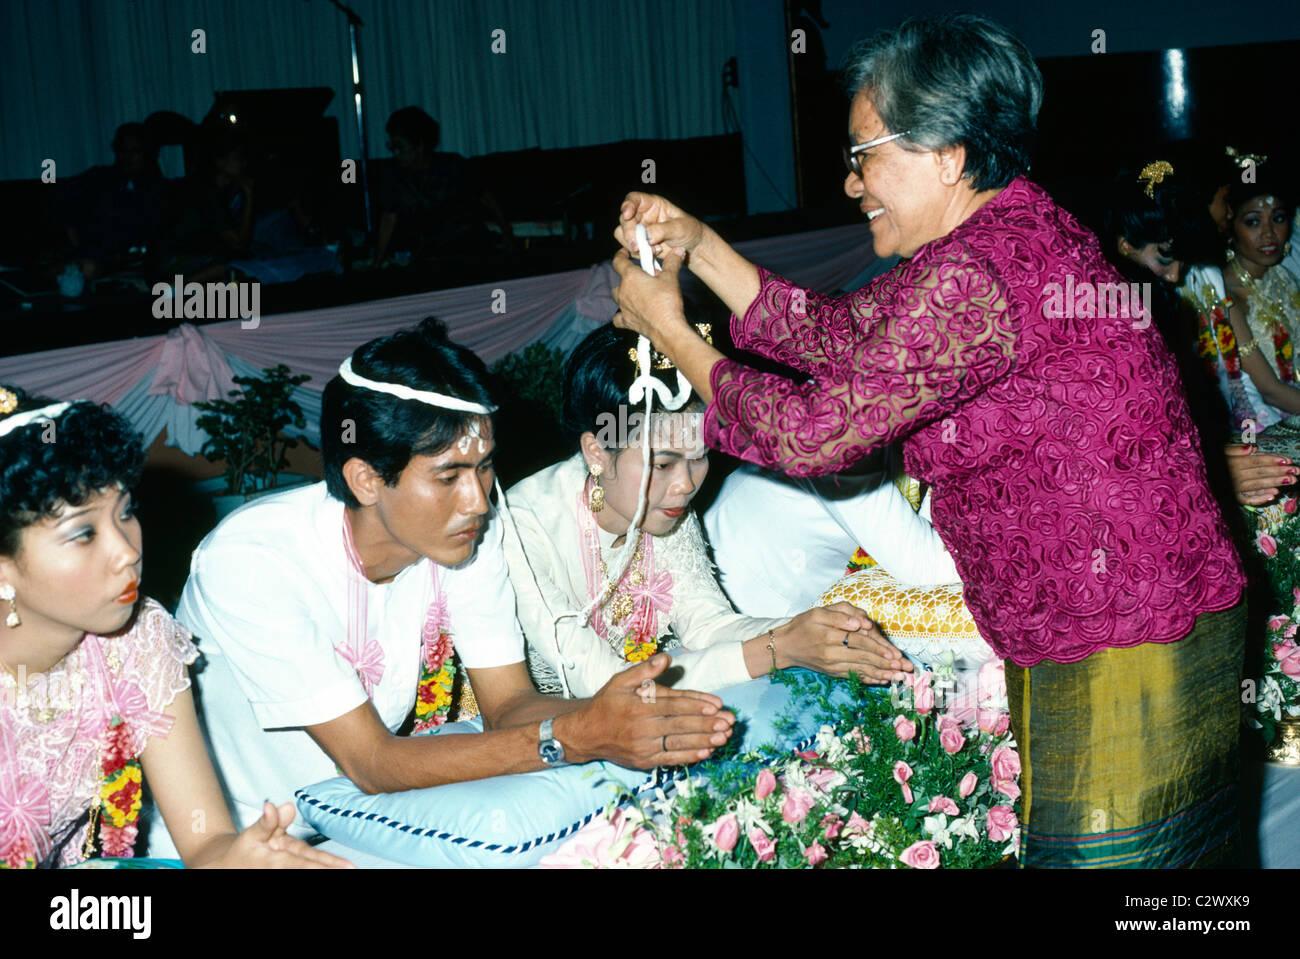 Matrimonio Simbolico In Thailandia : Matrimonio buddista immagini & matrimonio buddista fotos stock alamy